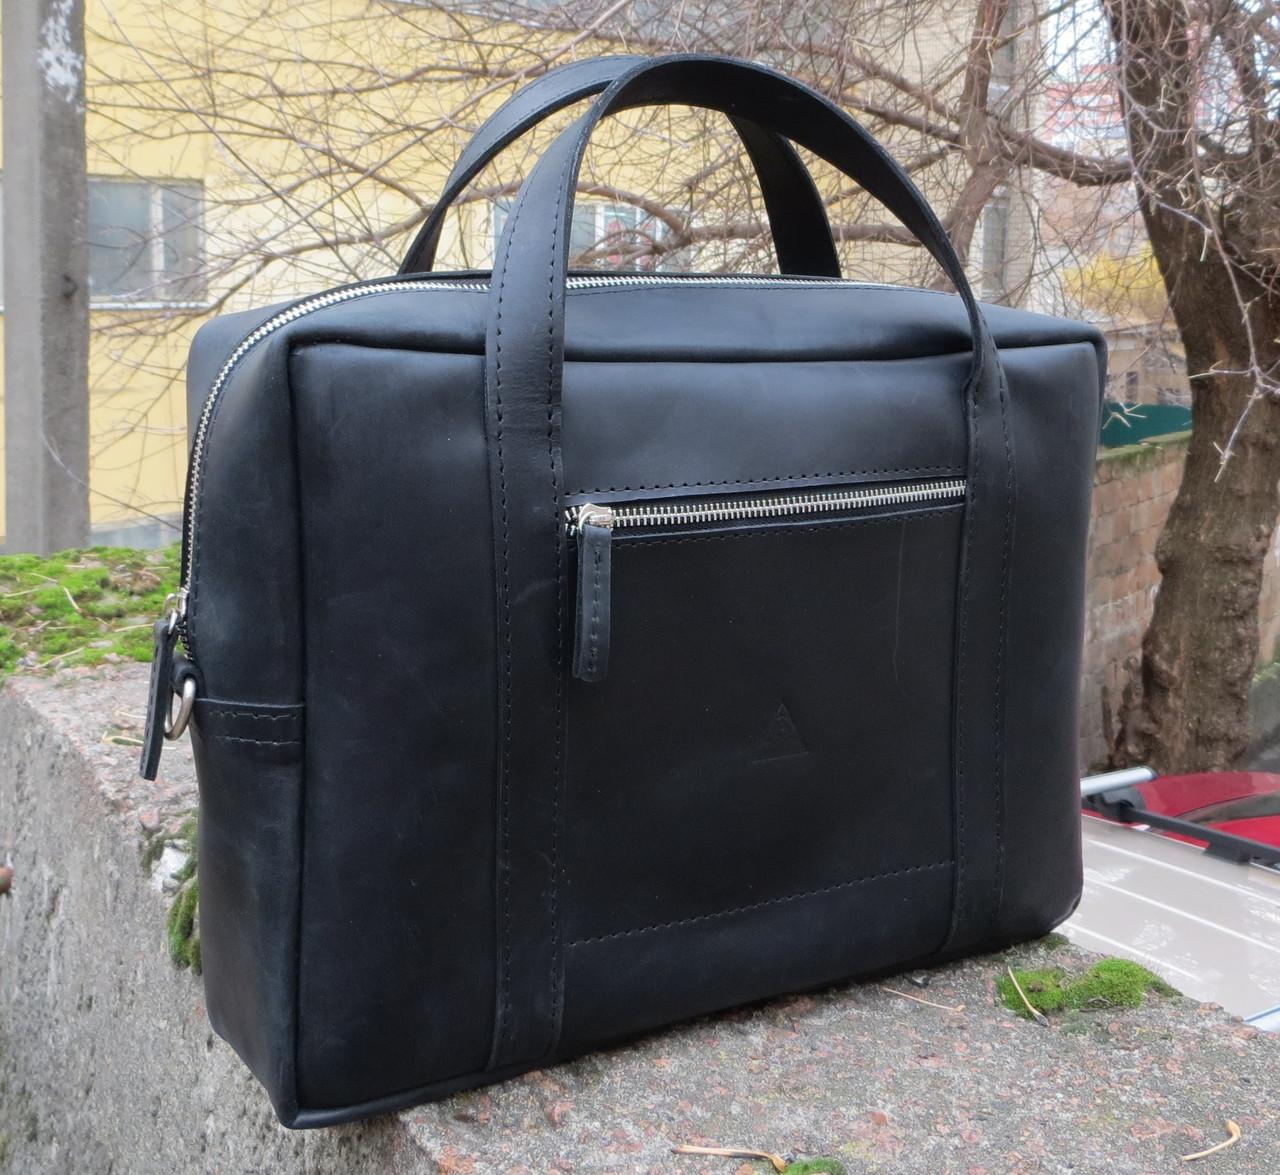 1eeb8cf5e3de Мужской кожаный портфель Agruz 72991 чёрный